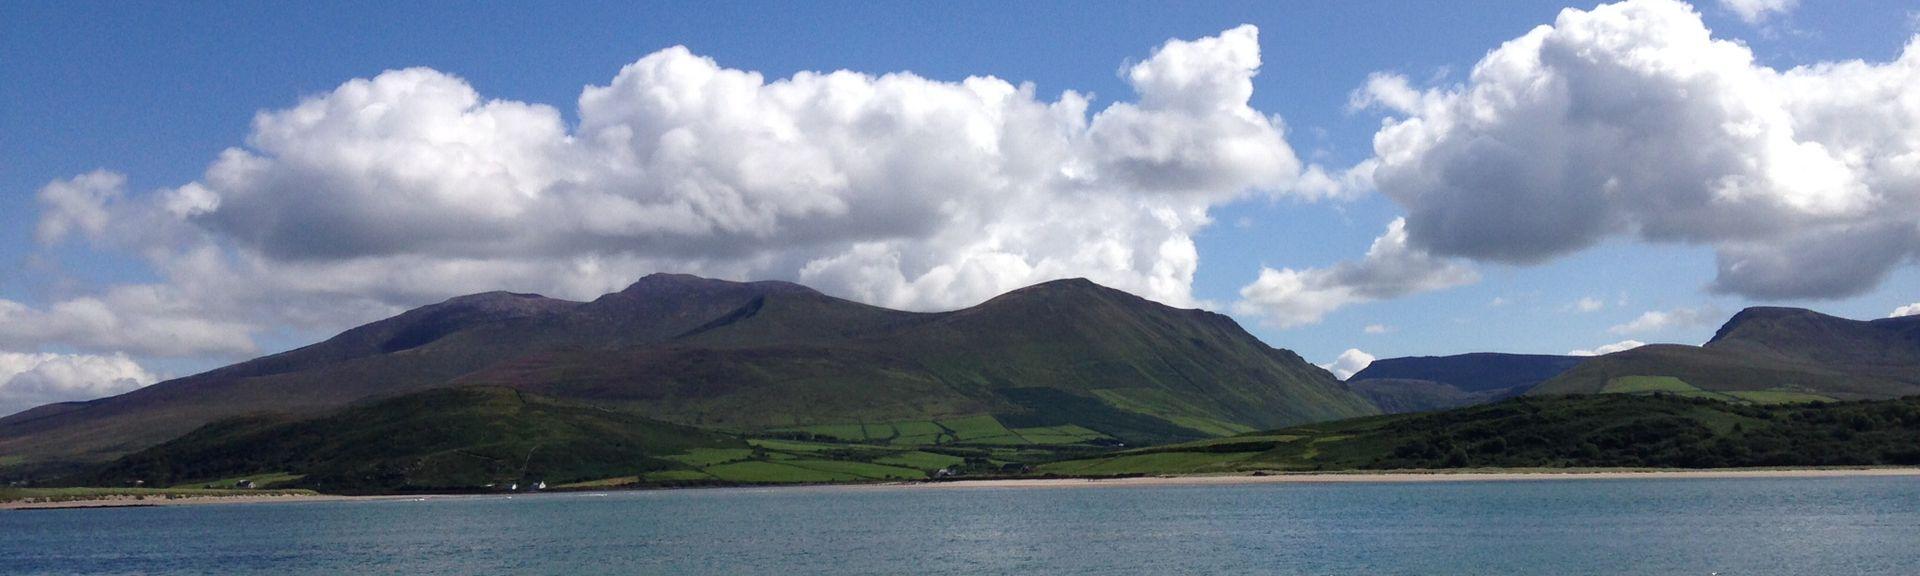 Centro de buceo Waterworld, Castlegregory, Kerry (condado), Irlanda